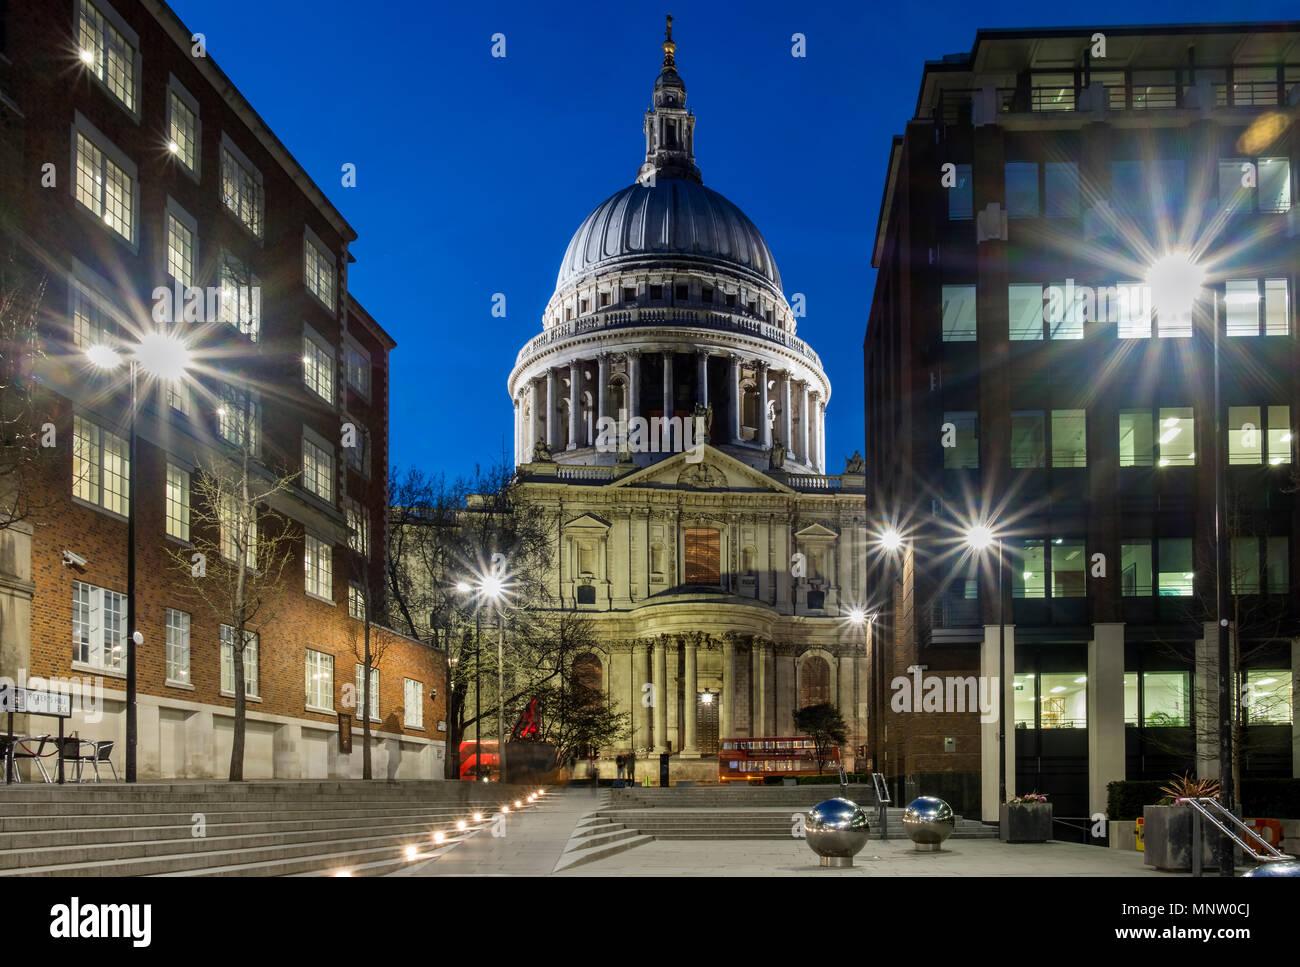 St Pauls Kathedrale von Peters Hill bei Nacht, London, England, Großbritannien Stockbild